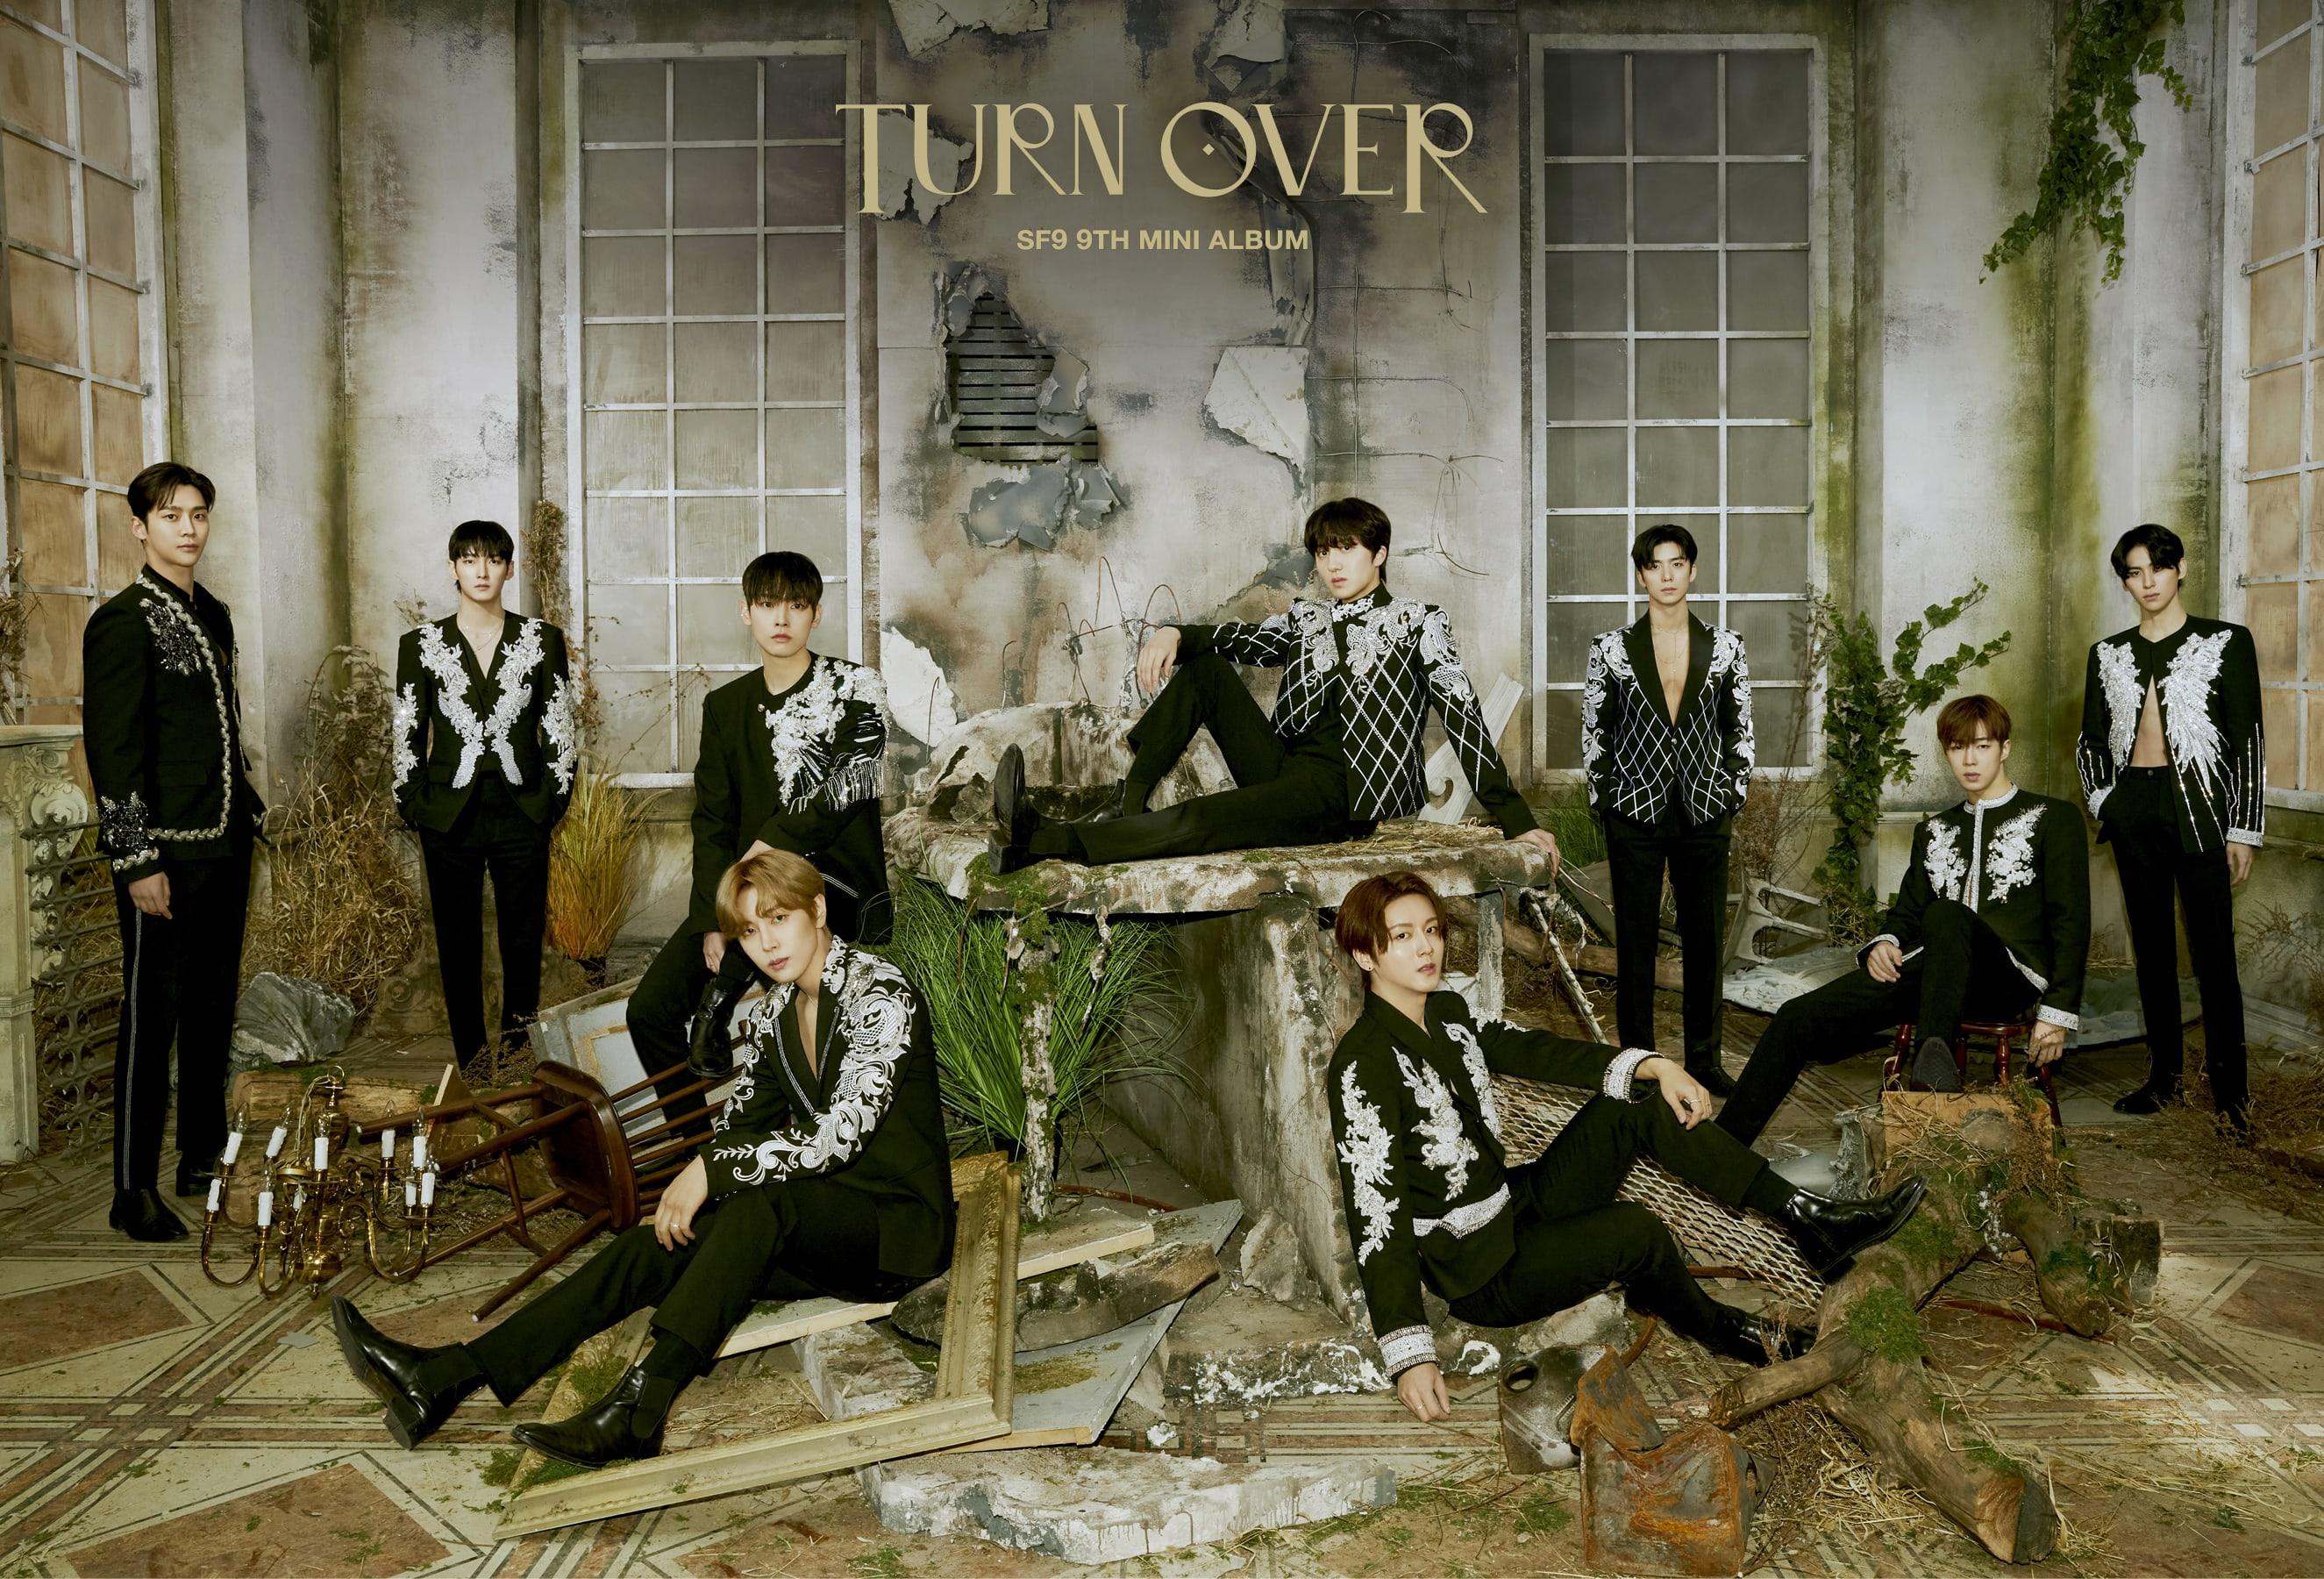 SF9 9th mini album TURN OVER